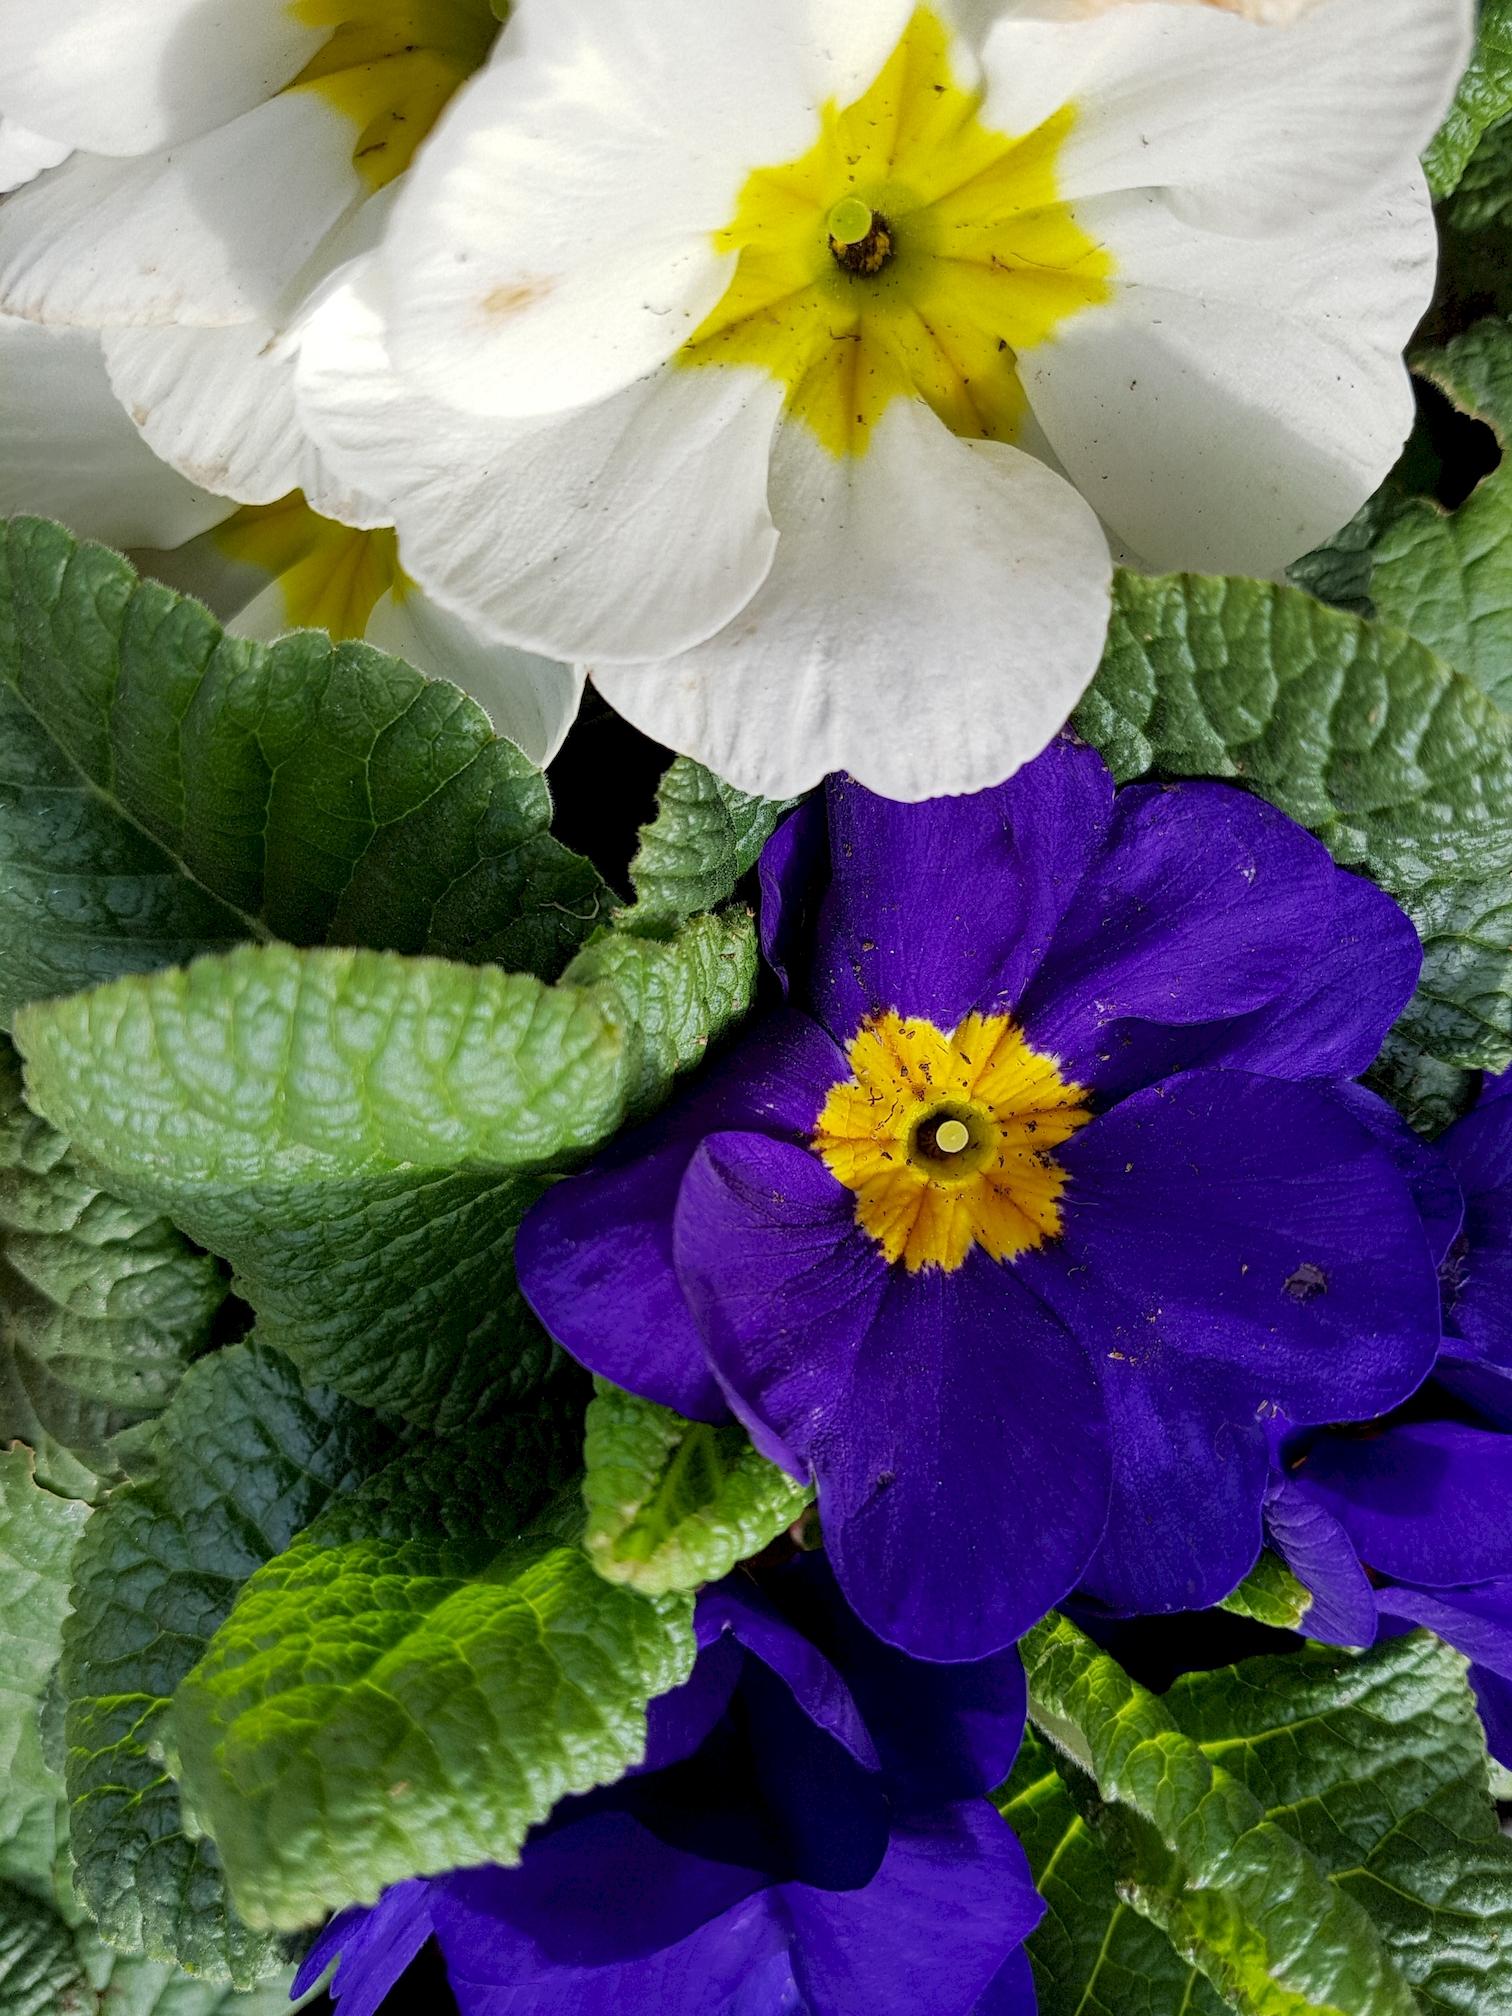 telecharger-des-fleurs-pour-une-tablette